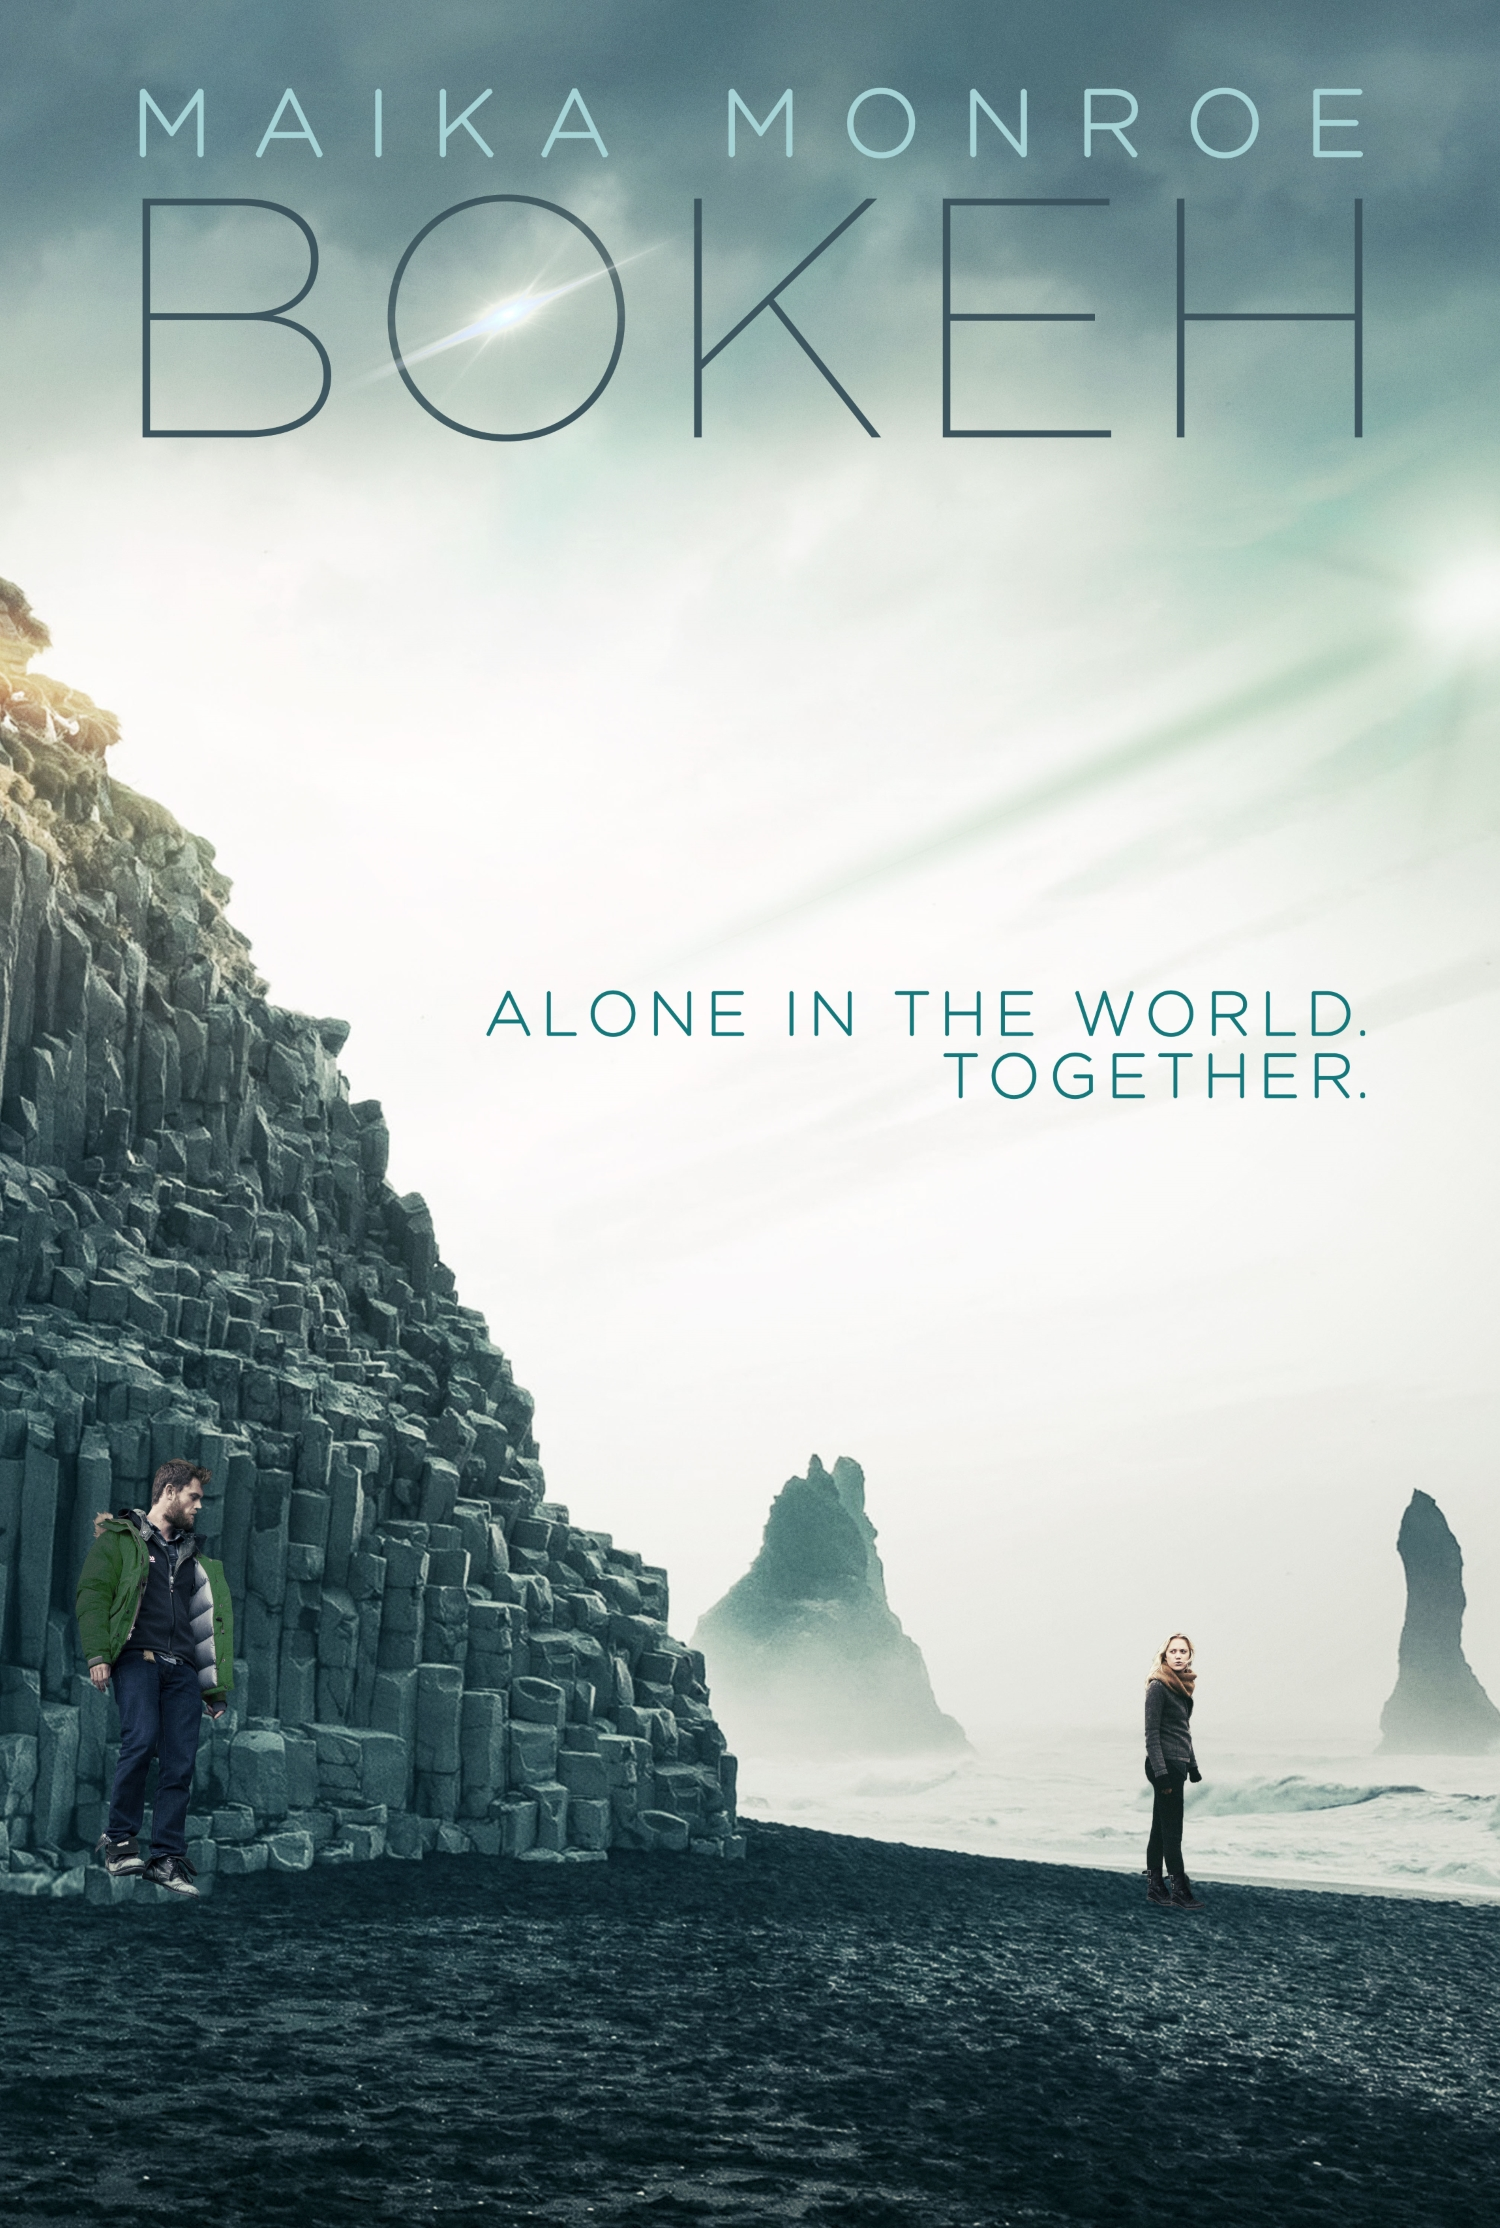 Bokeh Film